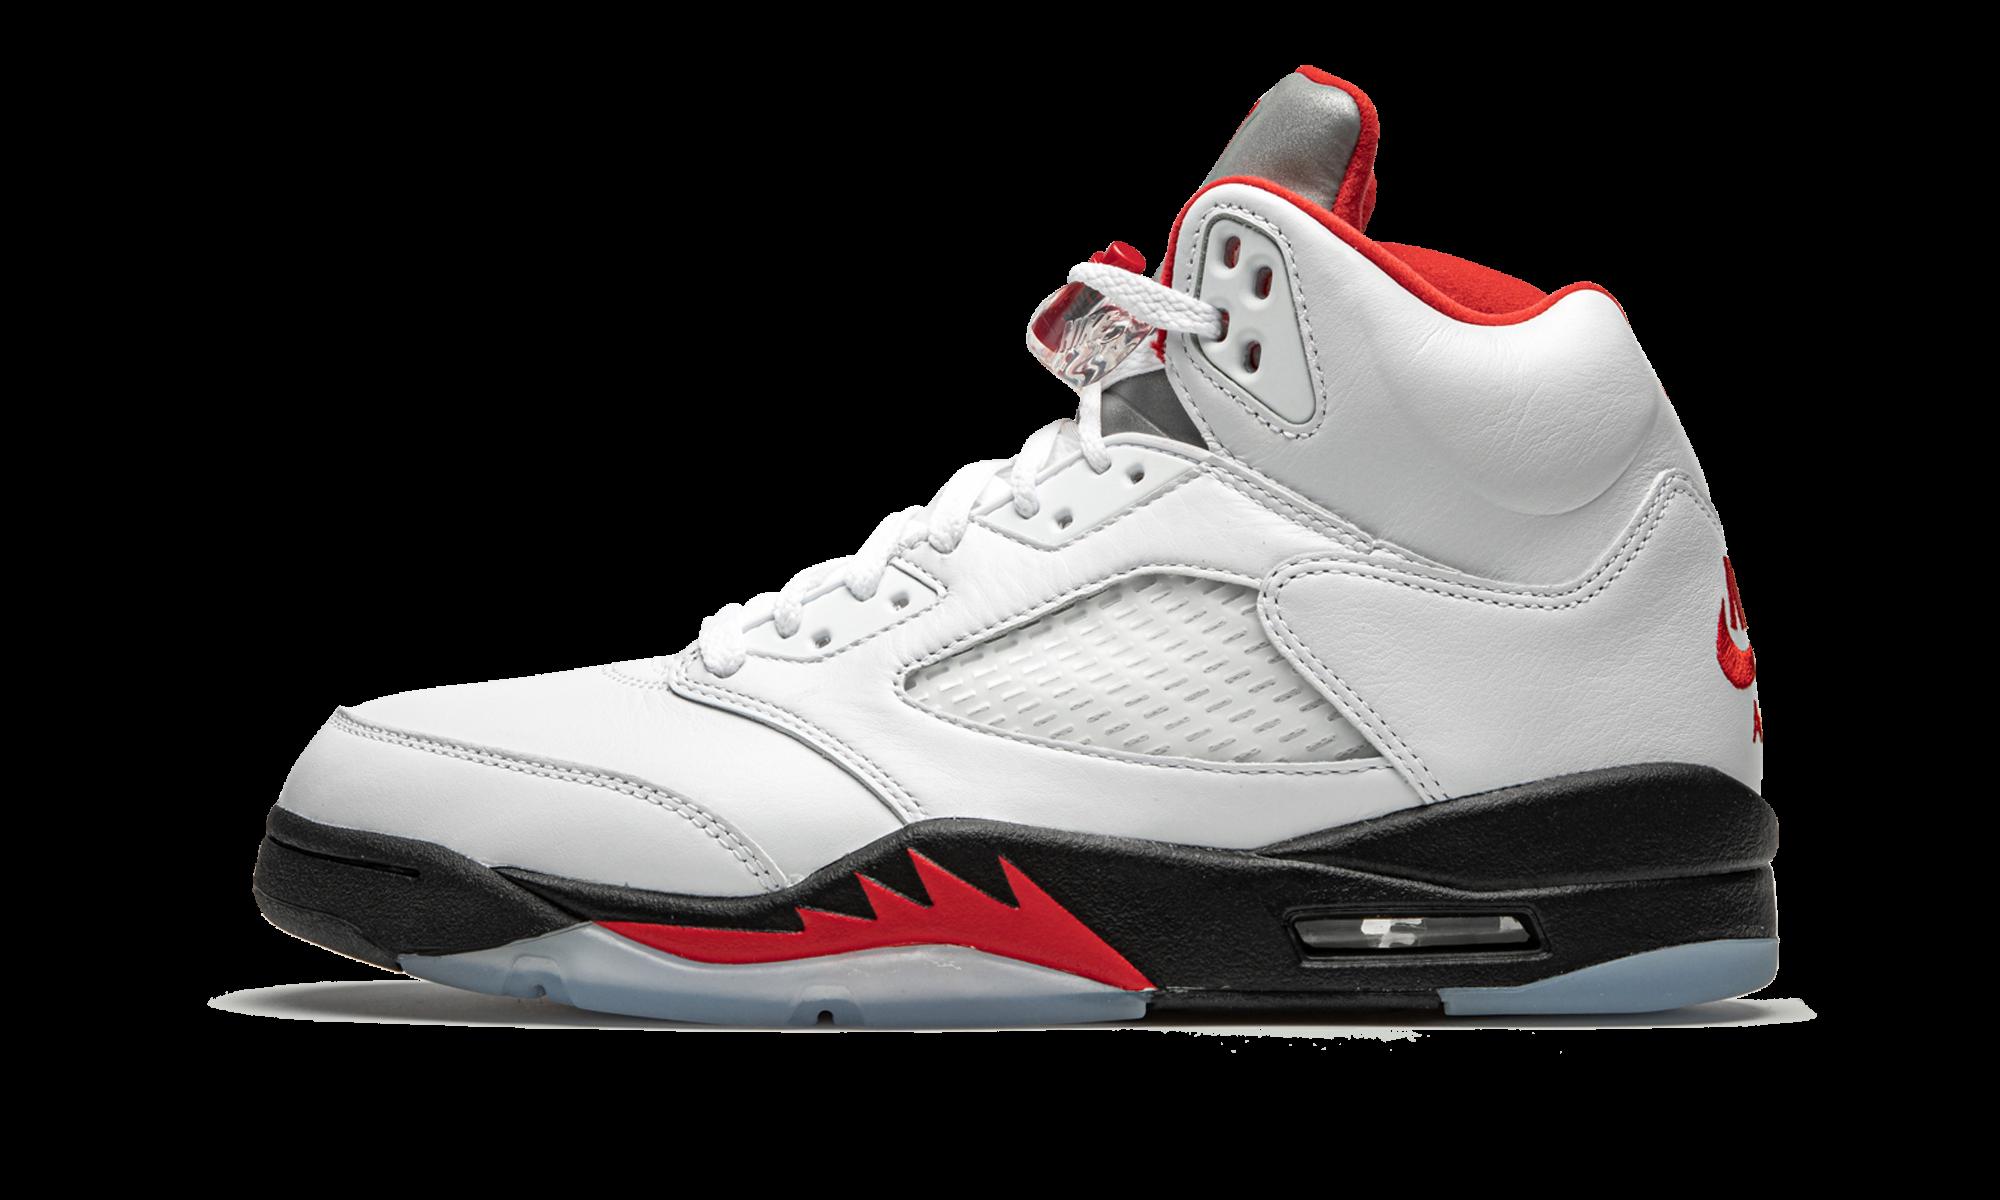 """Air Jordan 5 Retro """"Fire Red Silver Tongue 2020"""" DA1911"""